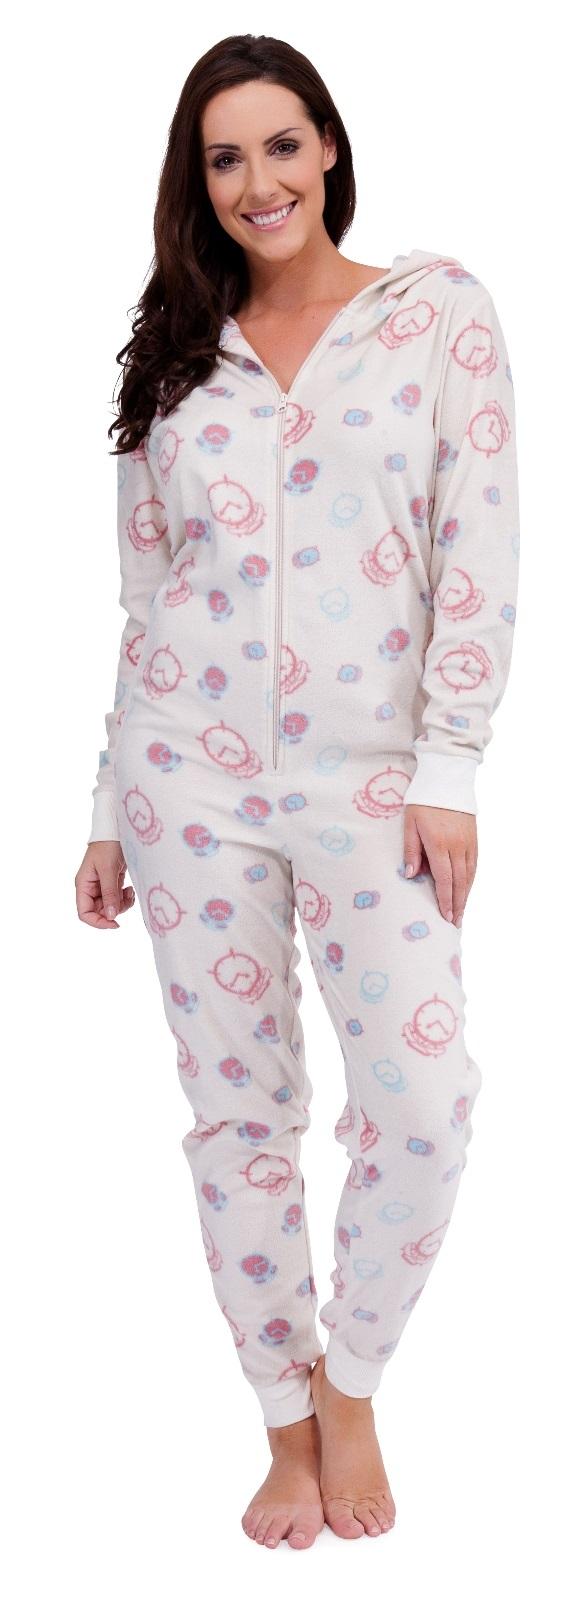 Luxury New Ladies Womens All In ONE Onesie Hooded ZIP UP Jumpsuit Playsuit UK Tracksuit | EBay